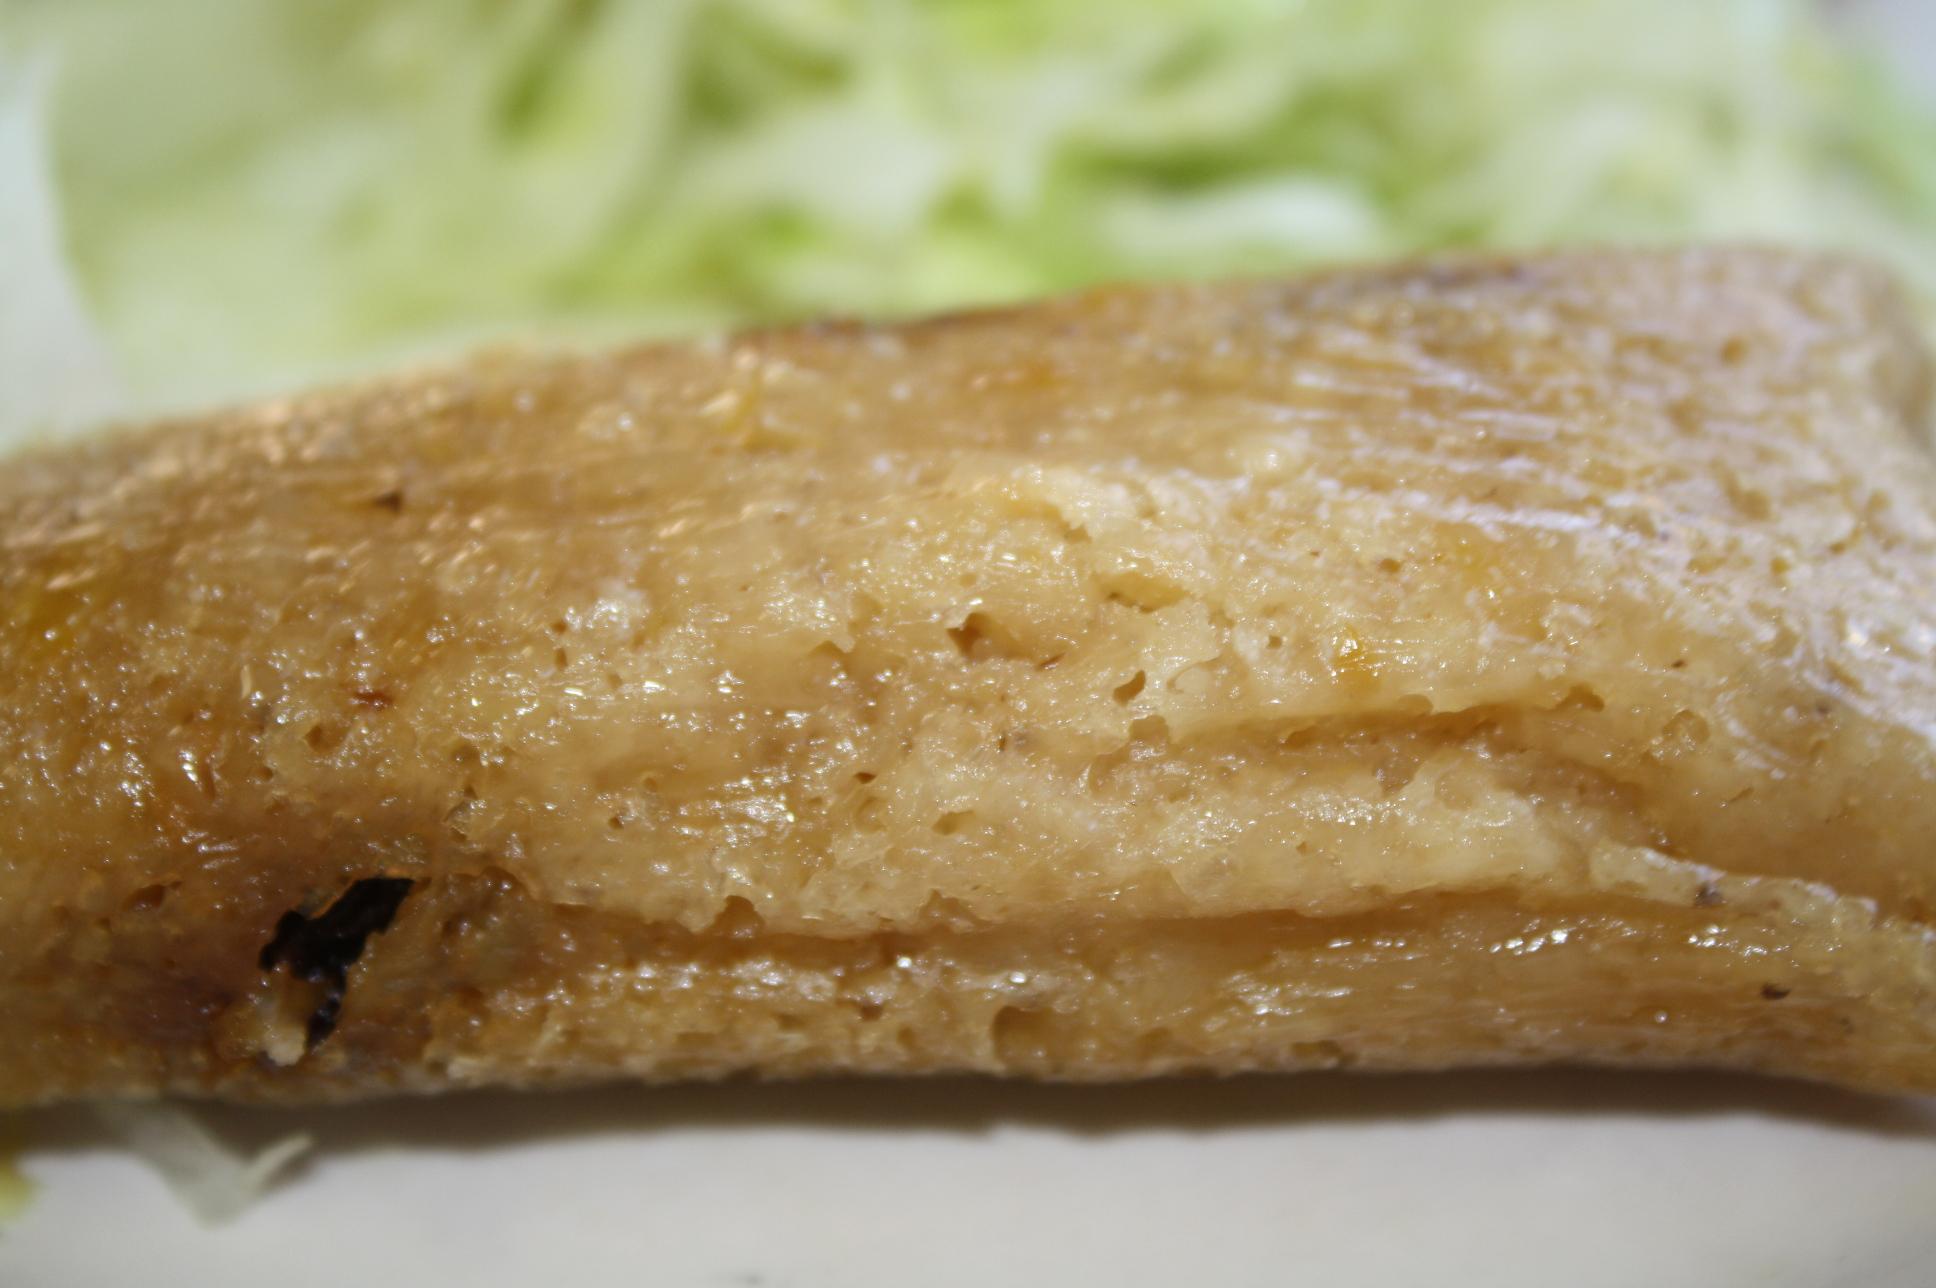 Tamal de dulce de piña del restaurante Diana's. Foto Agustín Durán/El Pasajero)>